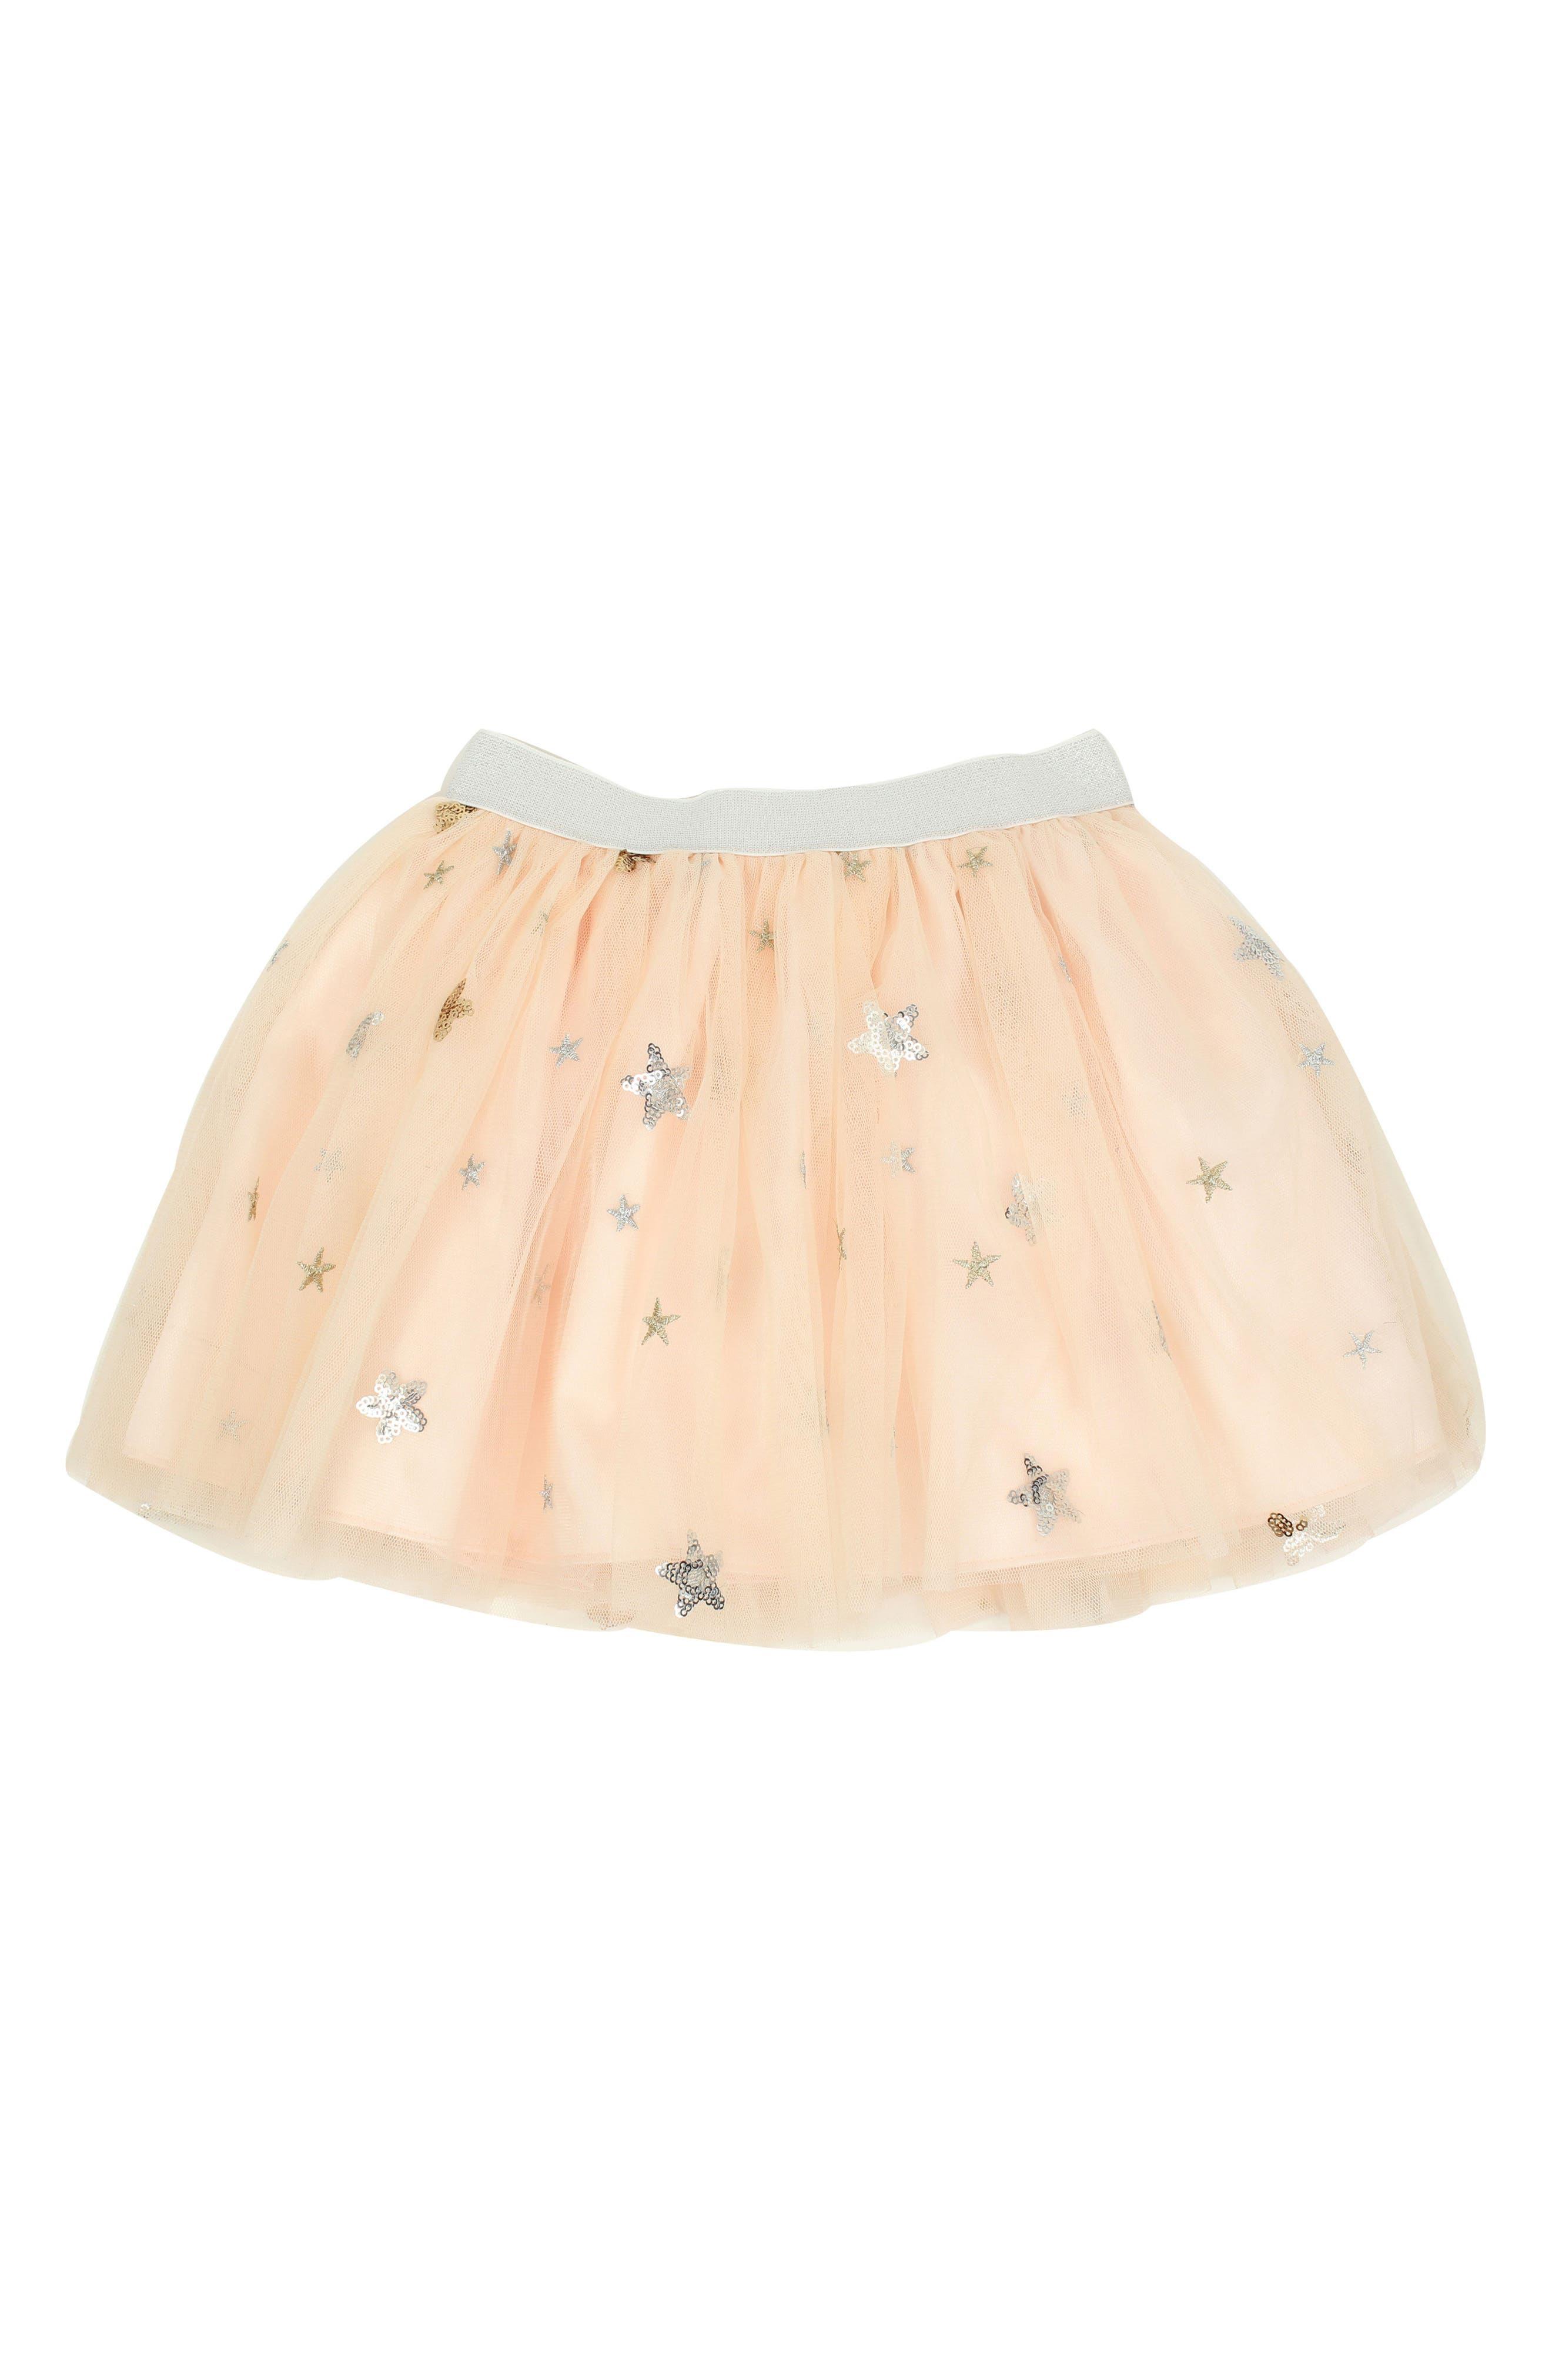 Metallic Stars Tulle Skirt,                             Main thumbnail 1, color,                             Peach